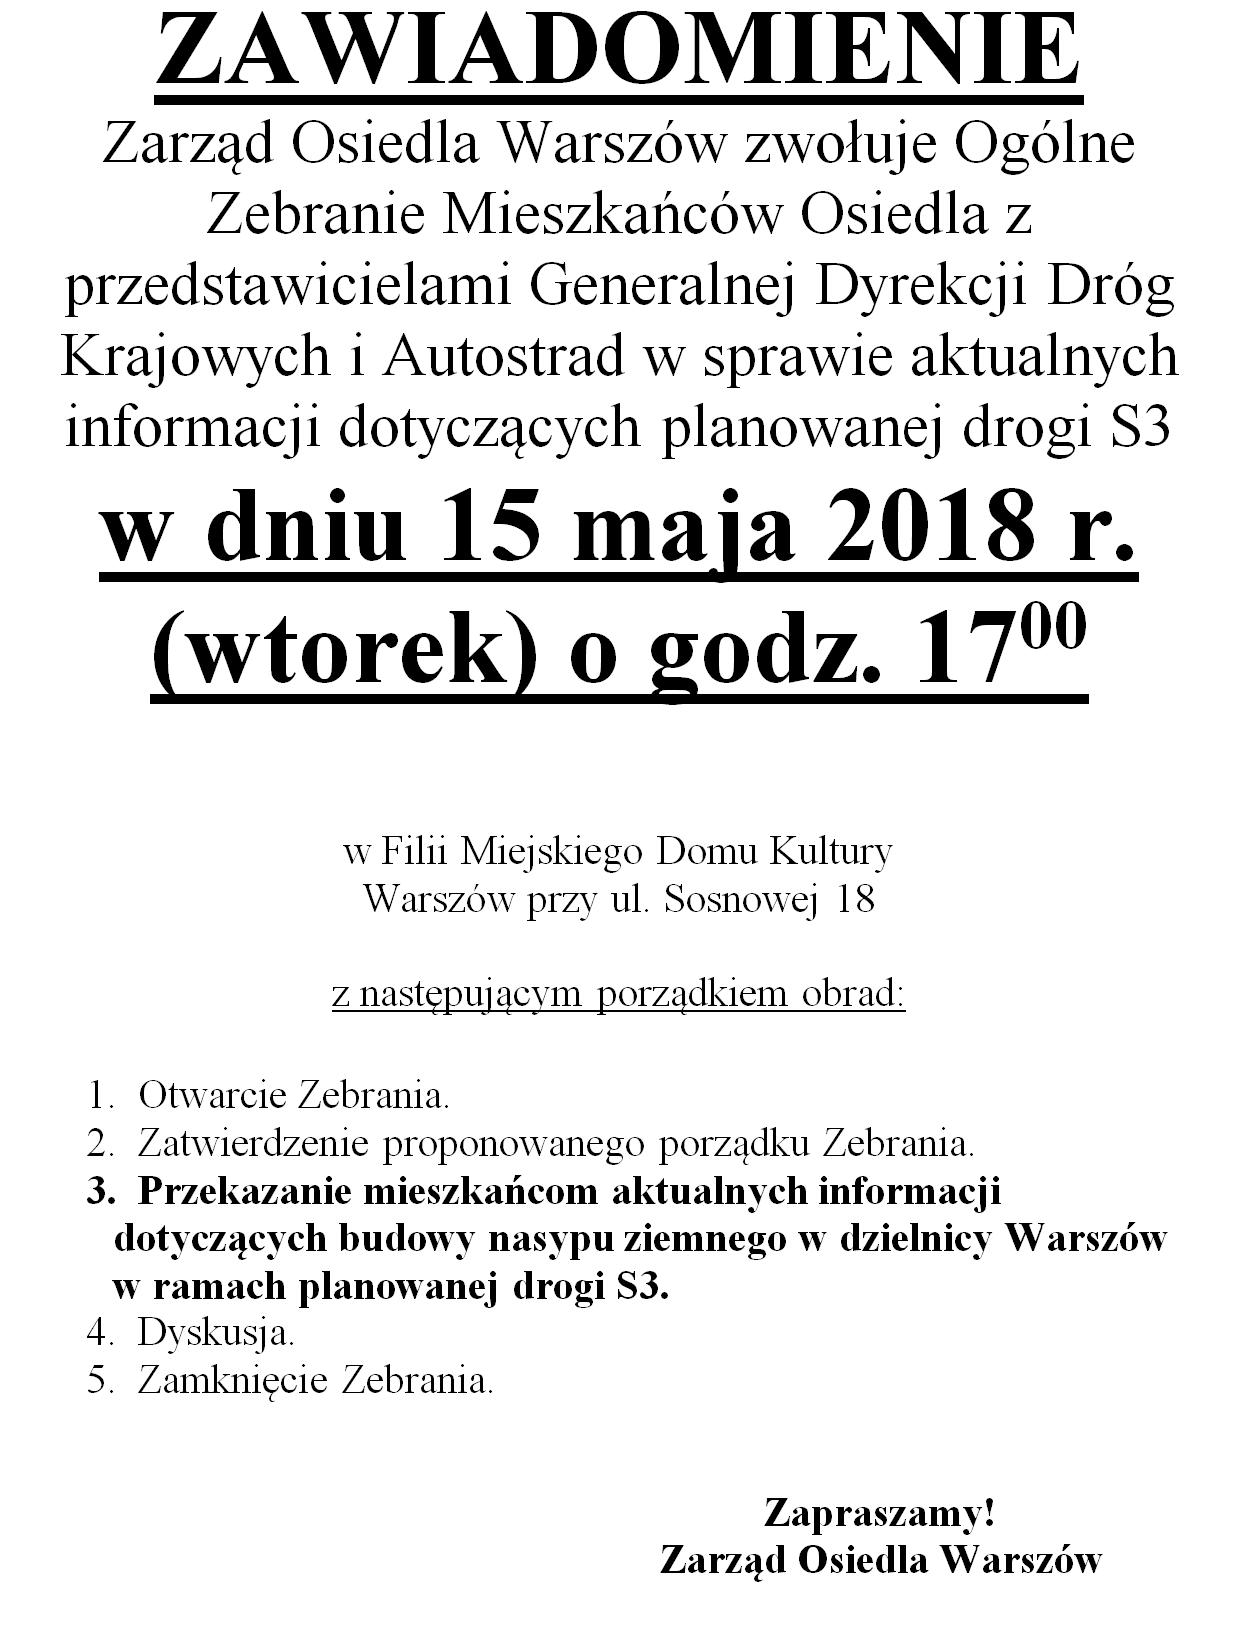 Zarząd Osiedla Warszów